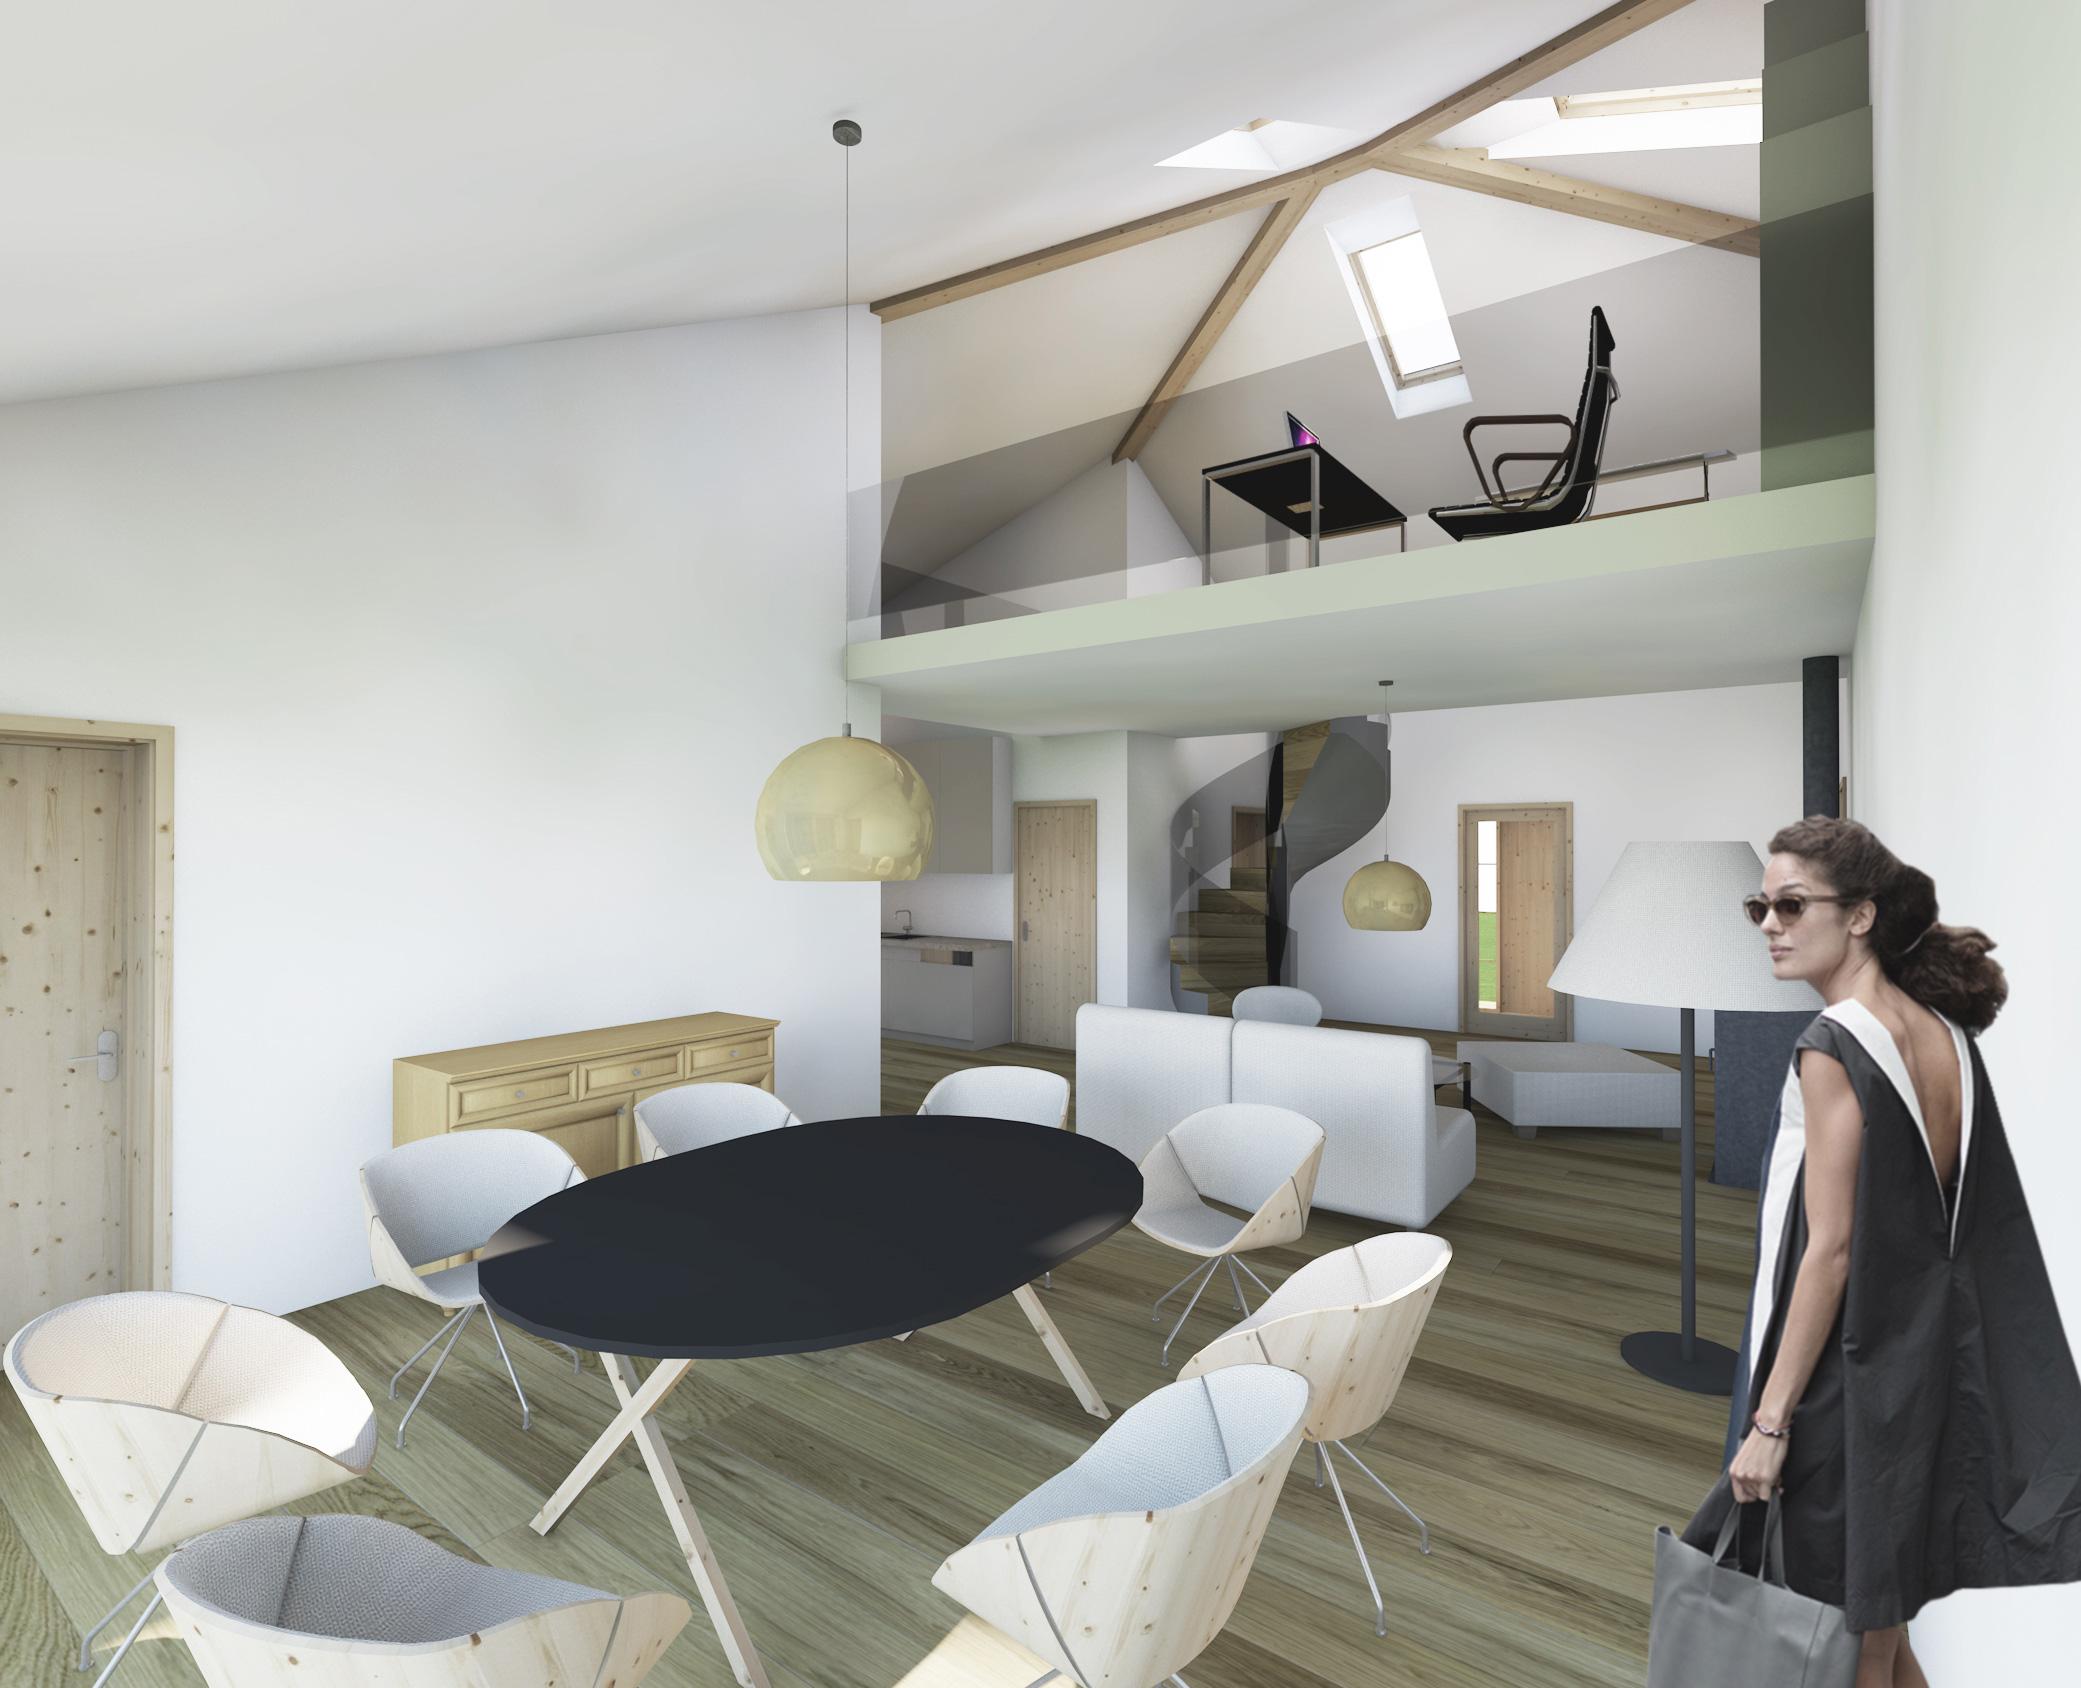 dom prosty, bojszowy, wizualizacje, architekt katowice, atelierps